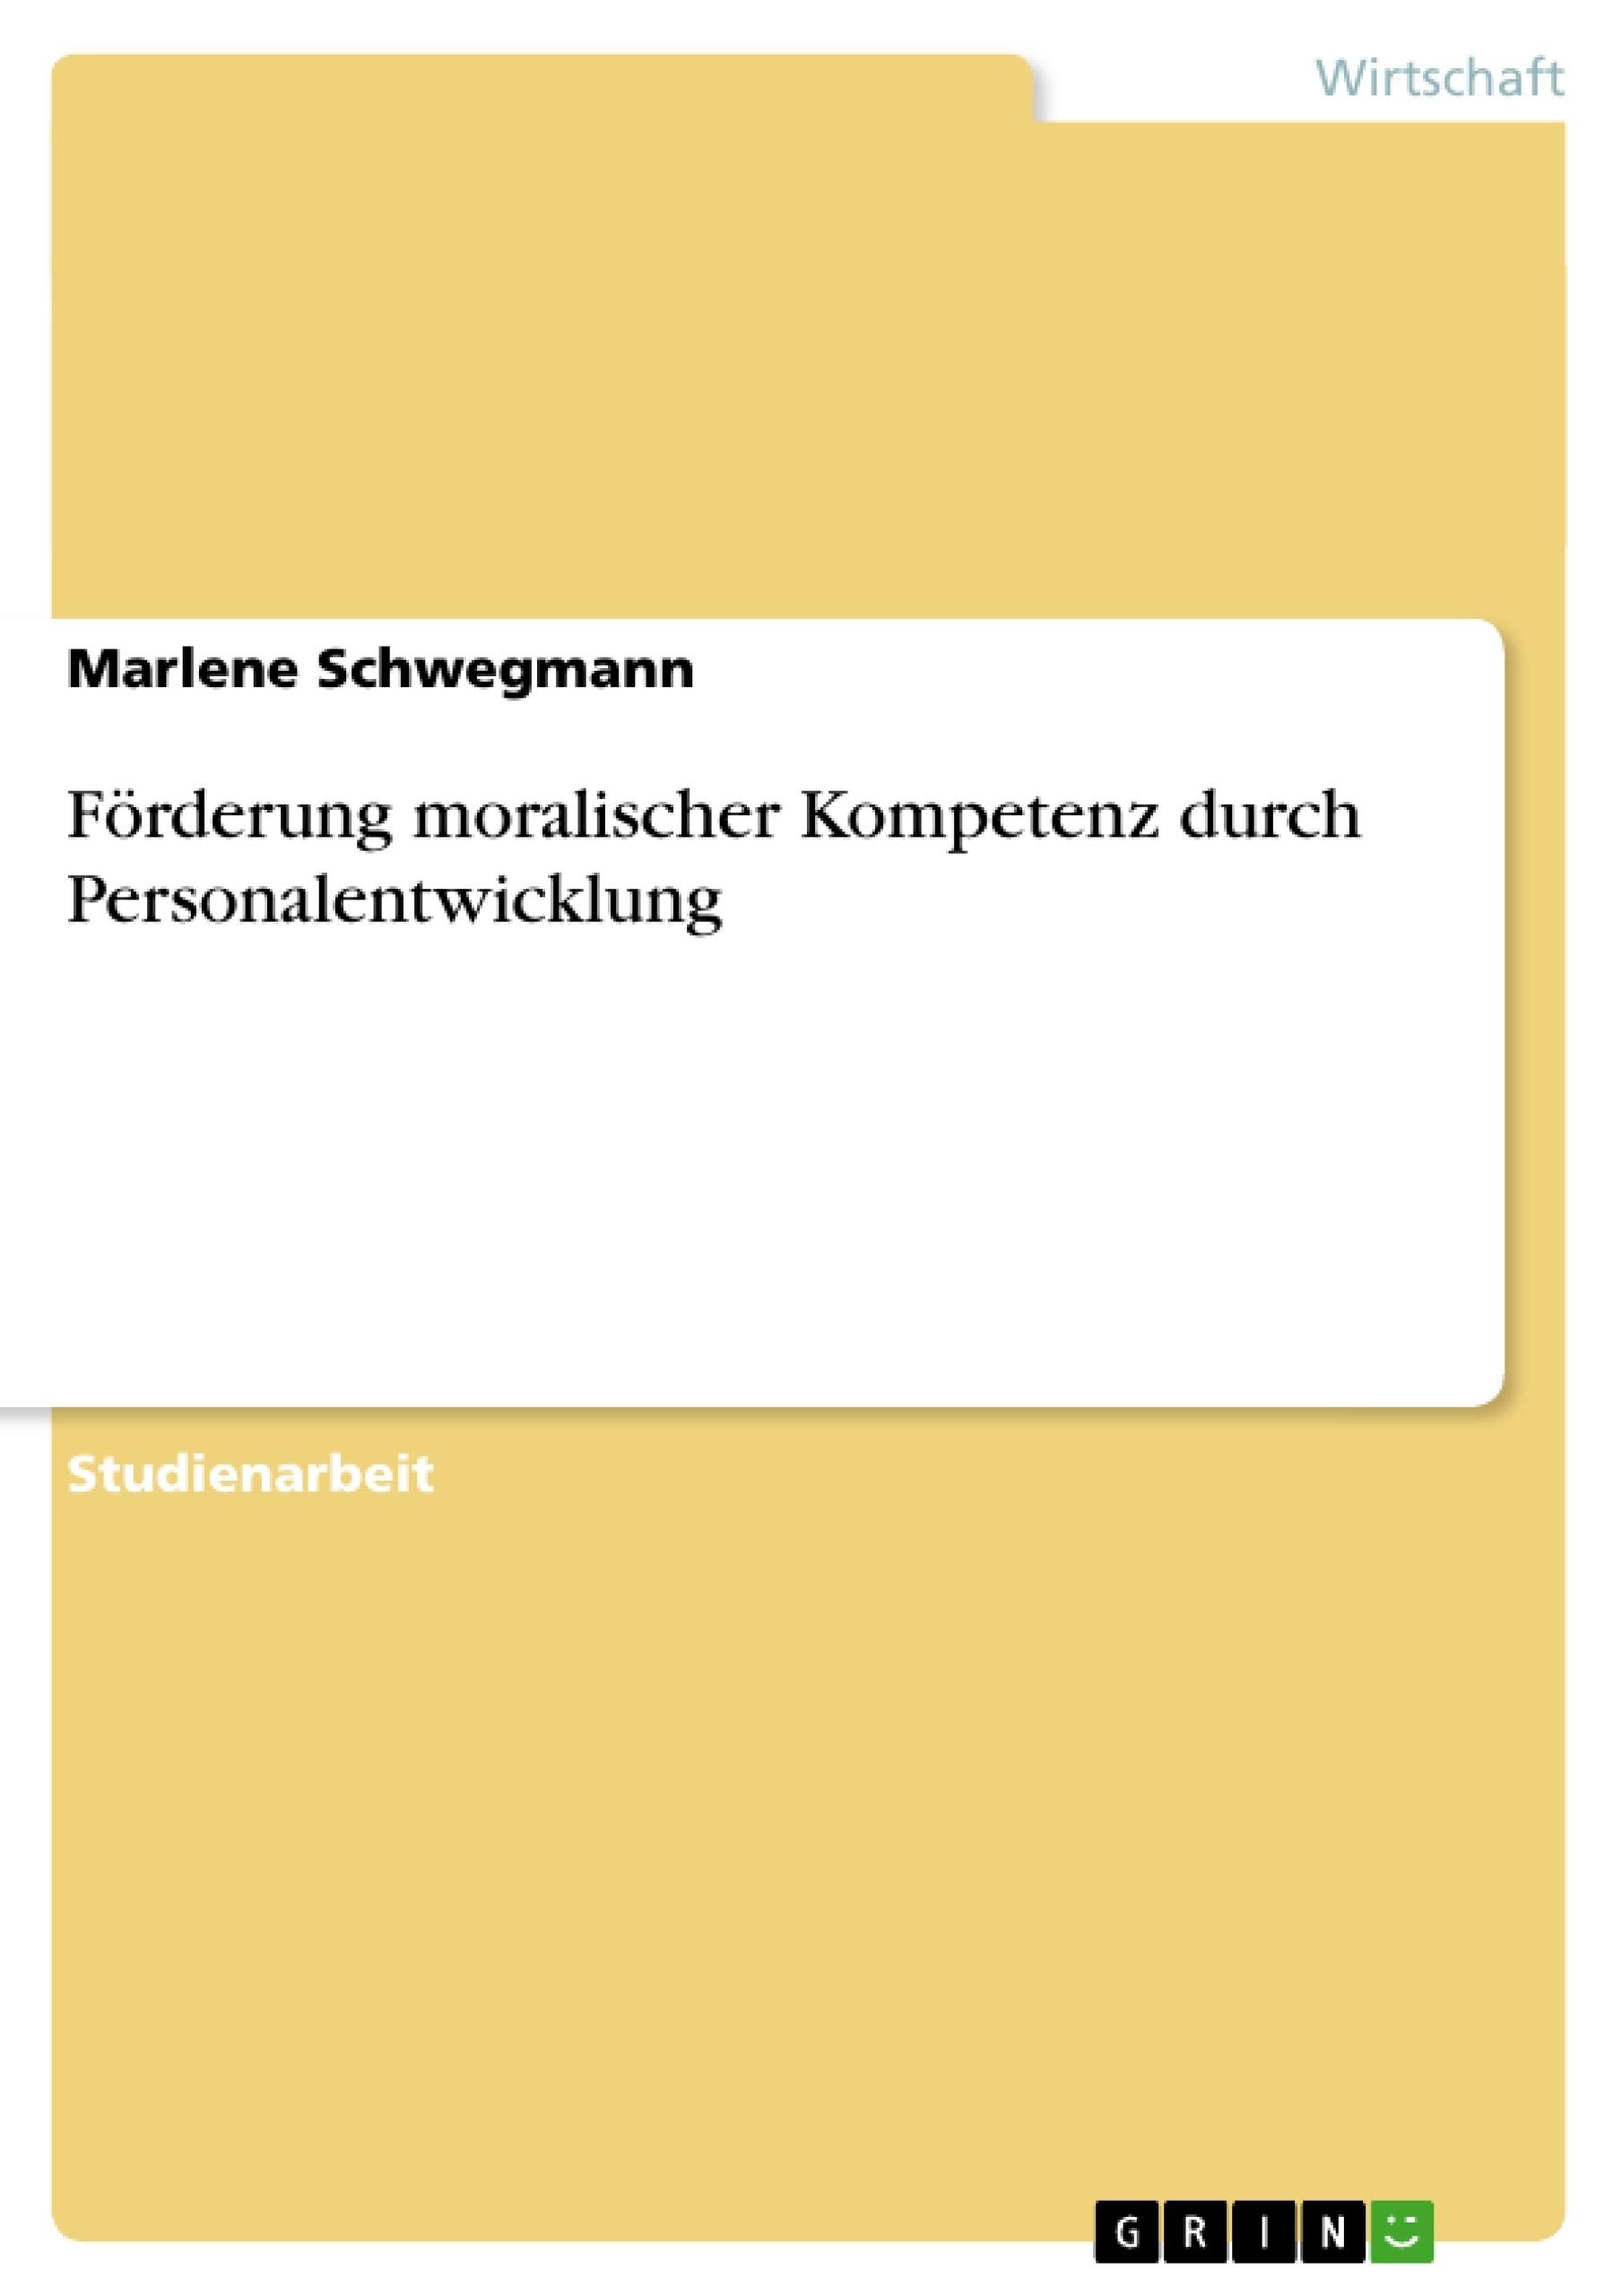 Titel: Förderung moralischer Kompetenz durch Personalentwicklung